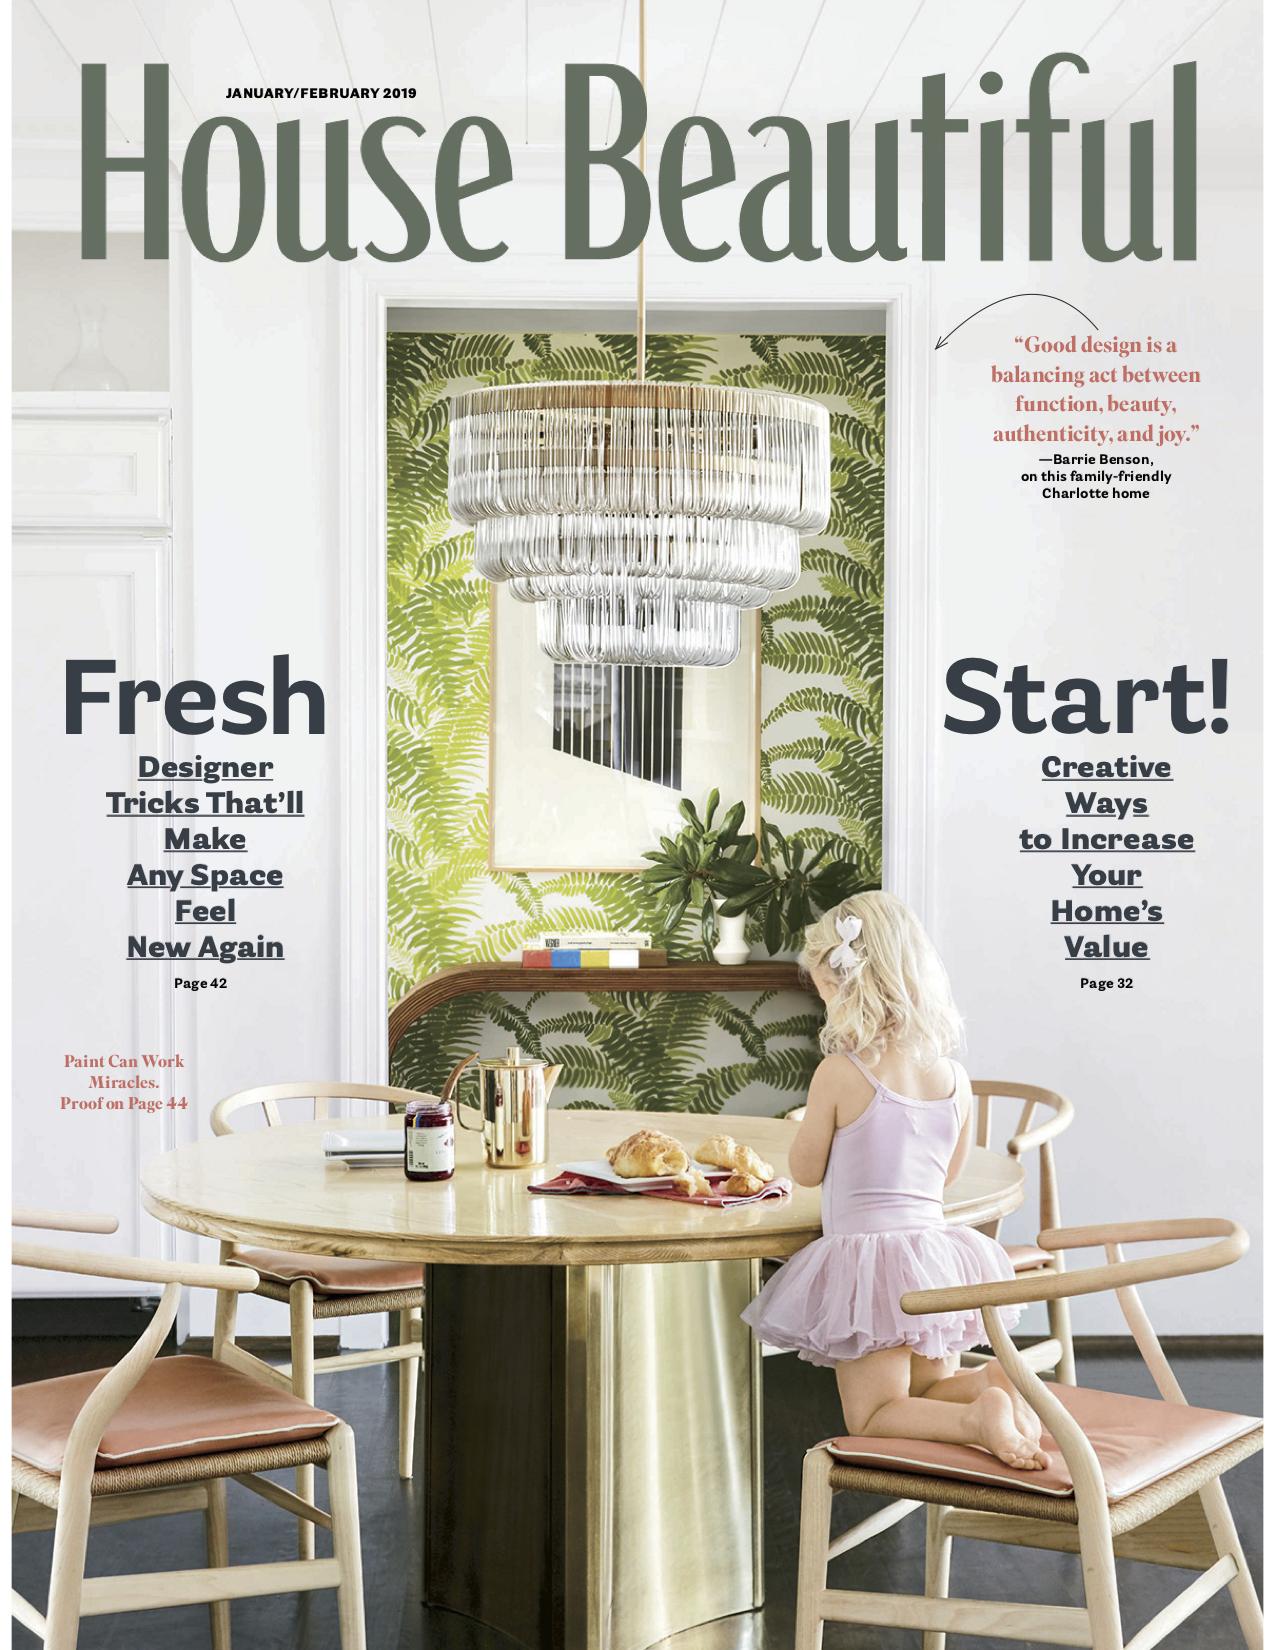 HOUSE BEAUTIFUL, JAN/FEB 2019